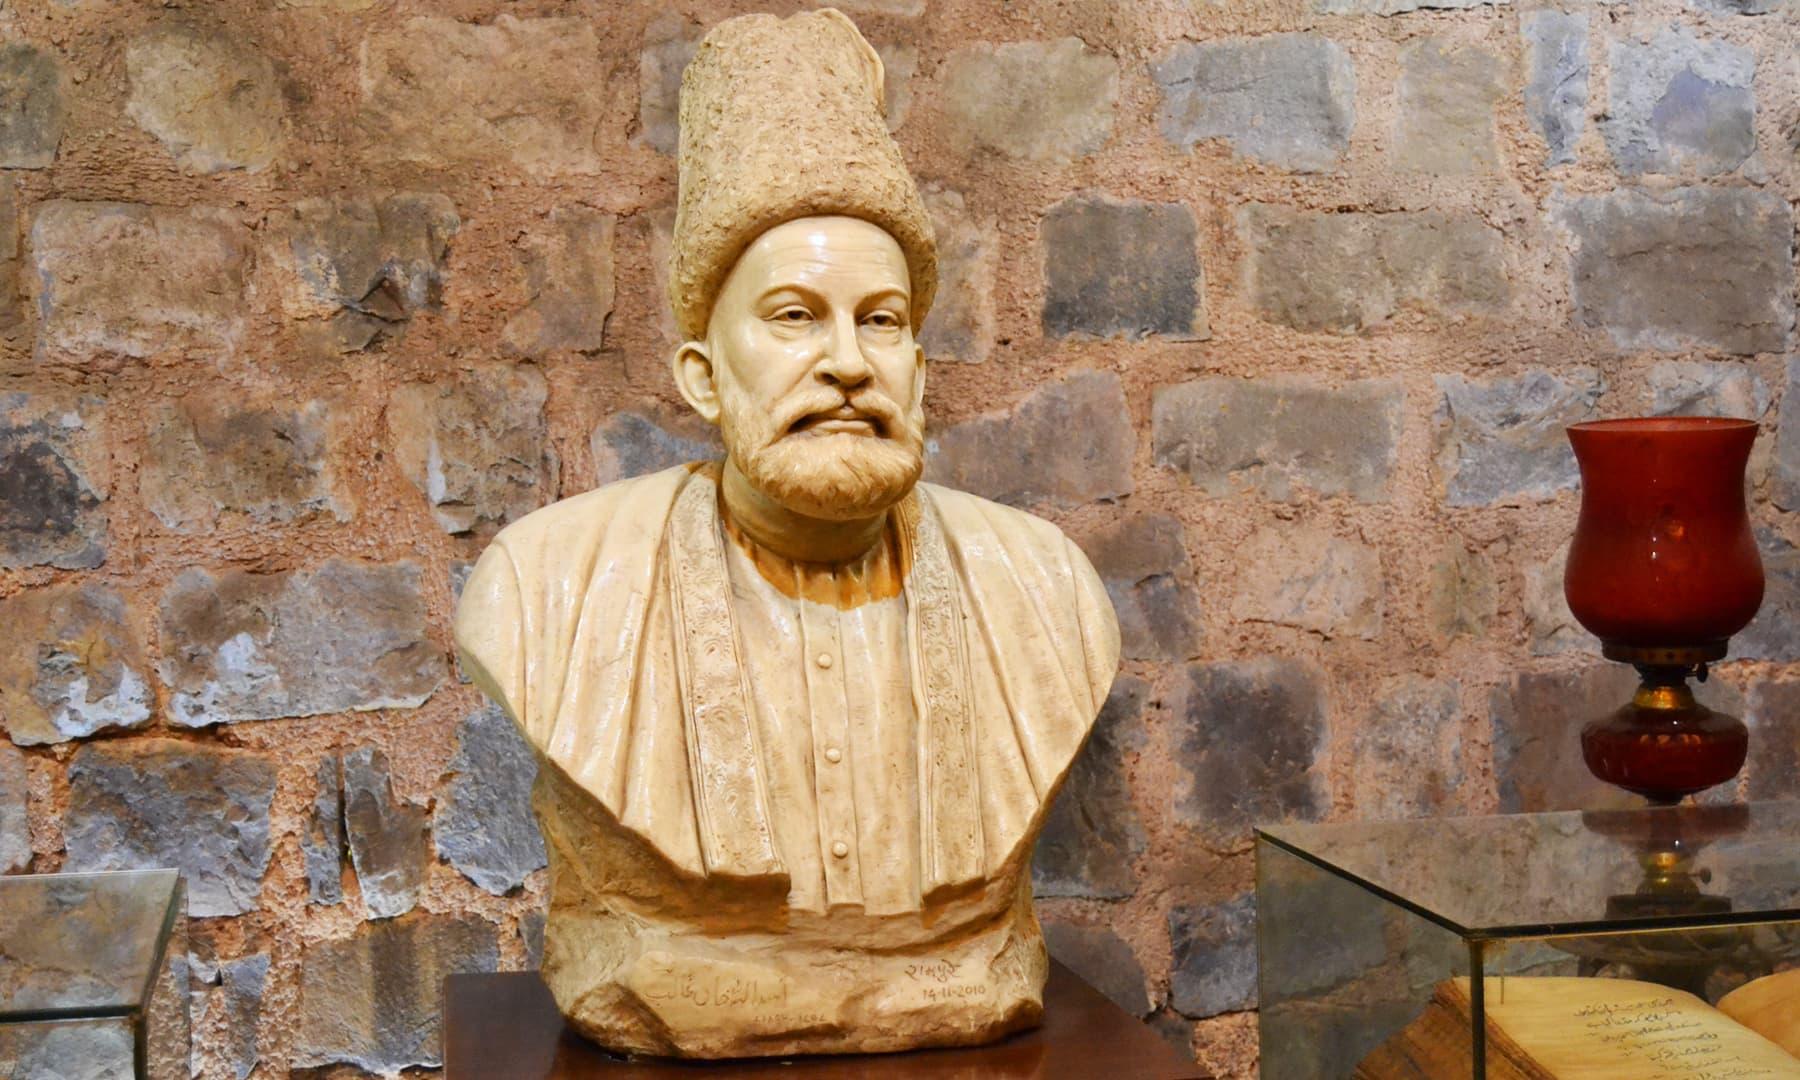 گلزار صاحب کی جانب سے پیش کردہ غالب کا مجمسہ — تصویر ذیشان احمد